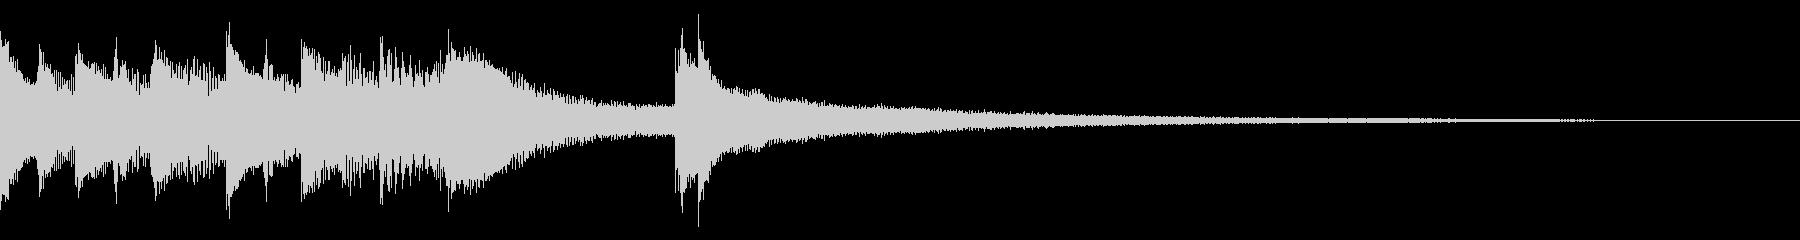 しっとり大人な雰囲気のピアノジングルB1の未再生の波形